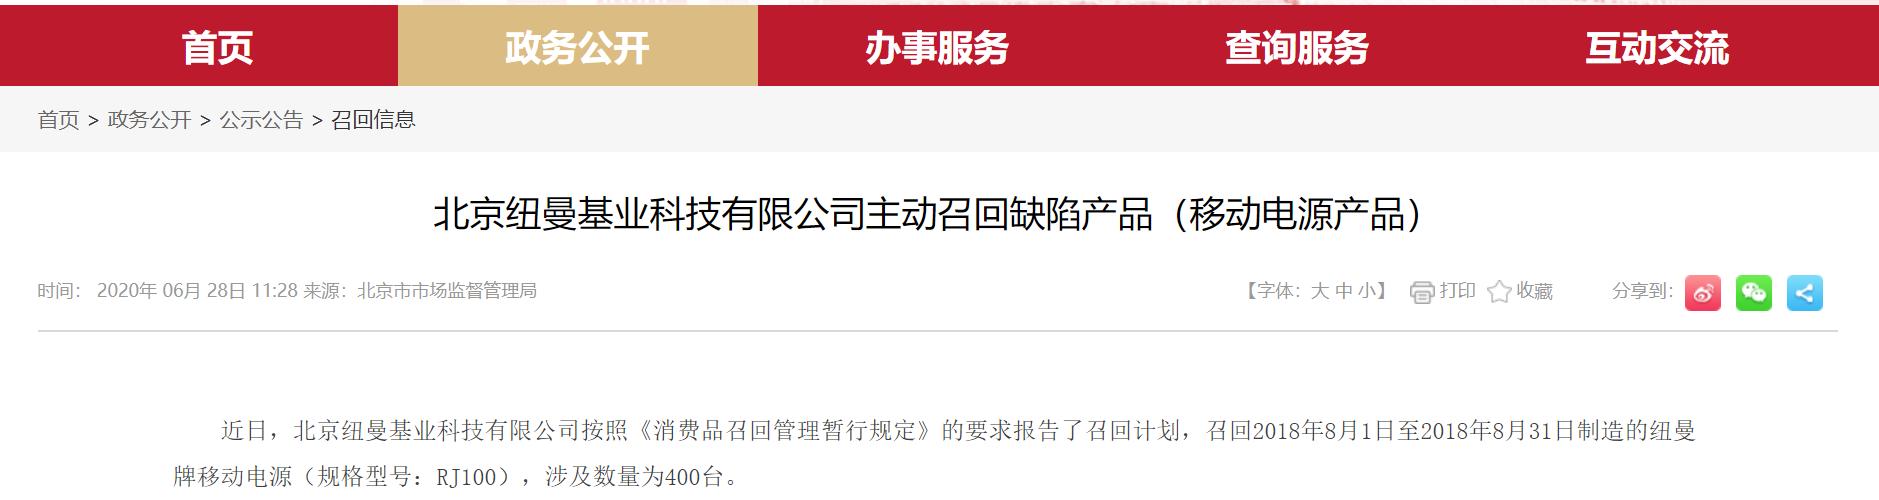 北京纽曼基业科技有限公司主动召回缺陷移动电源产品